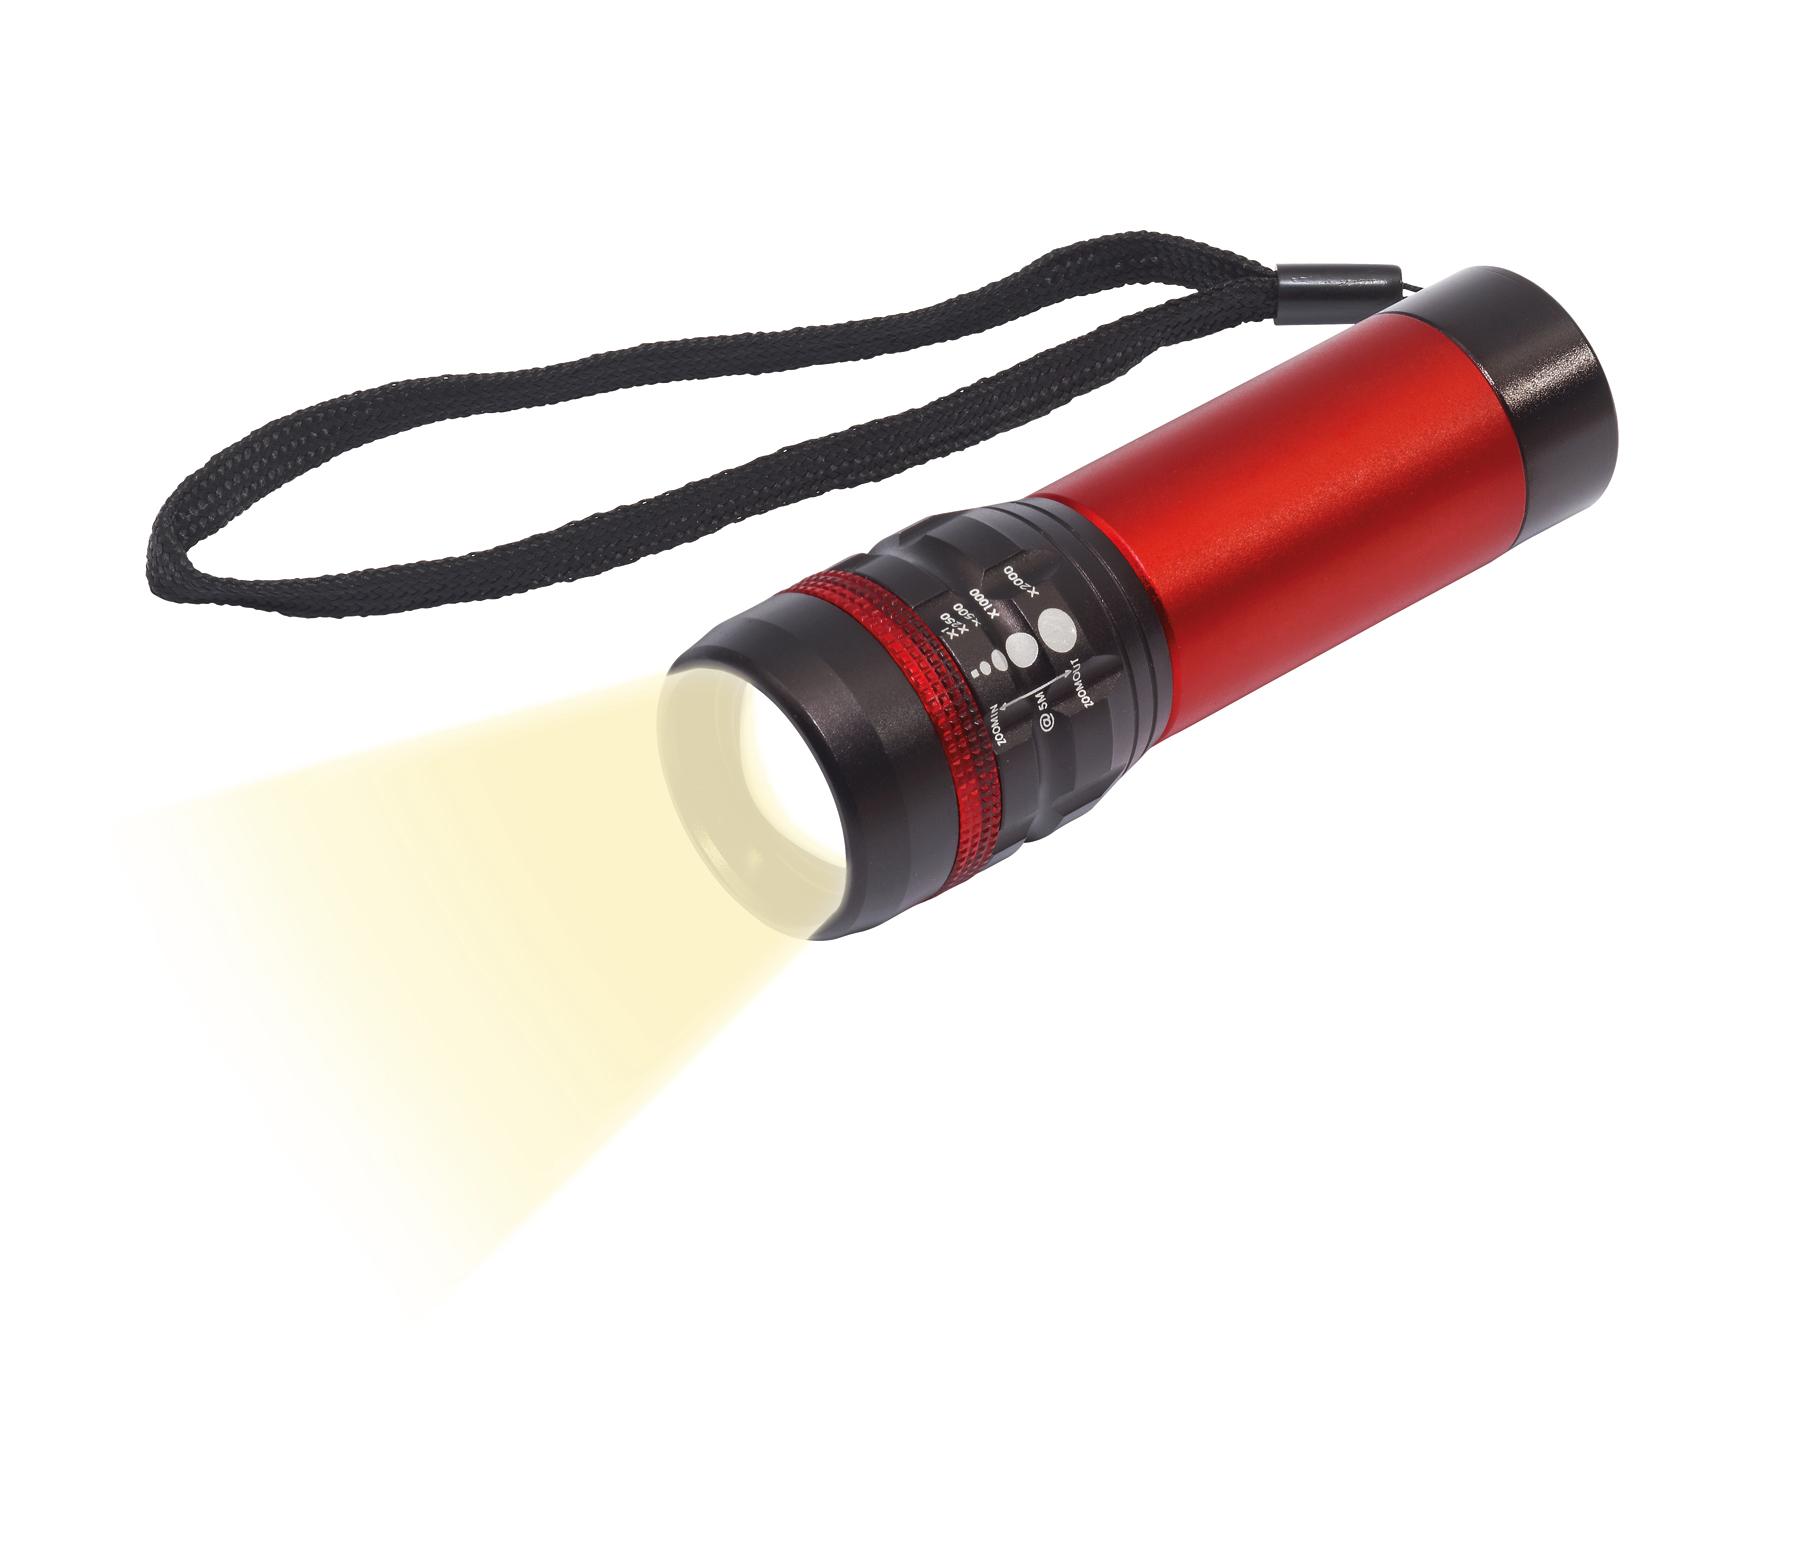 Latarka LED ZOOM, czarny, czerwony